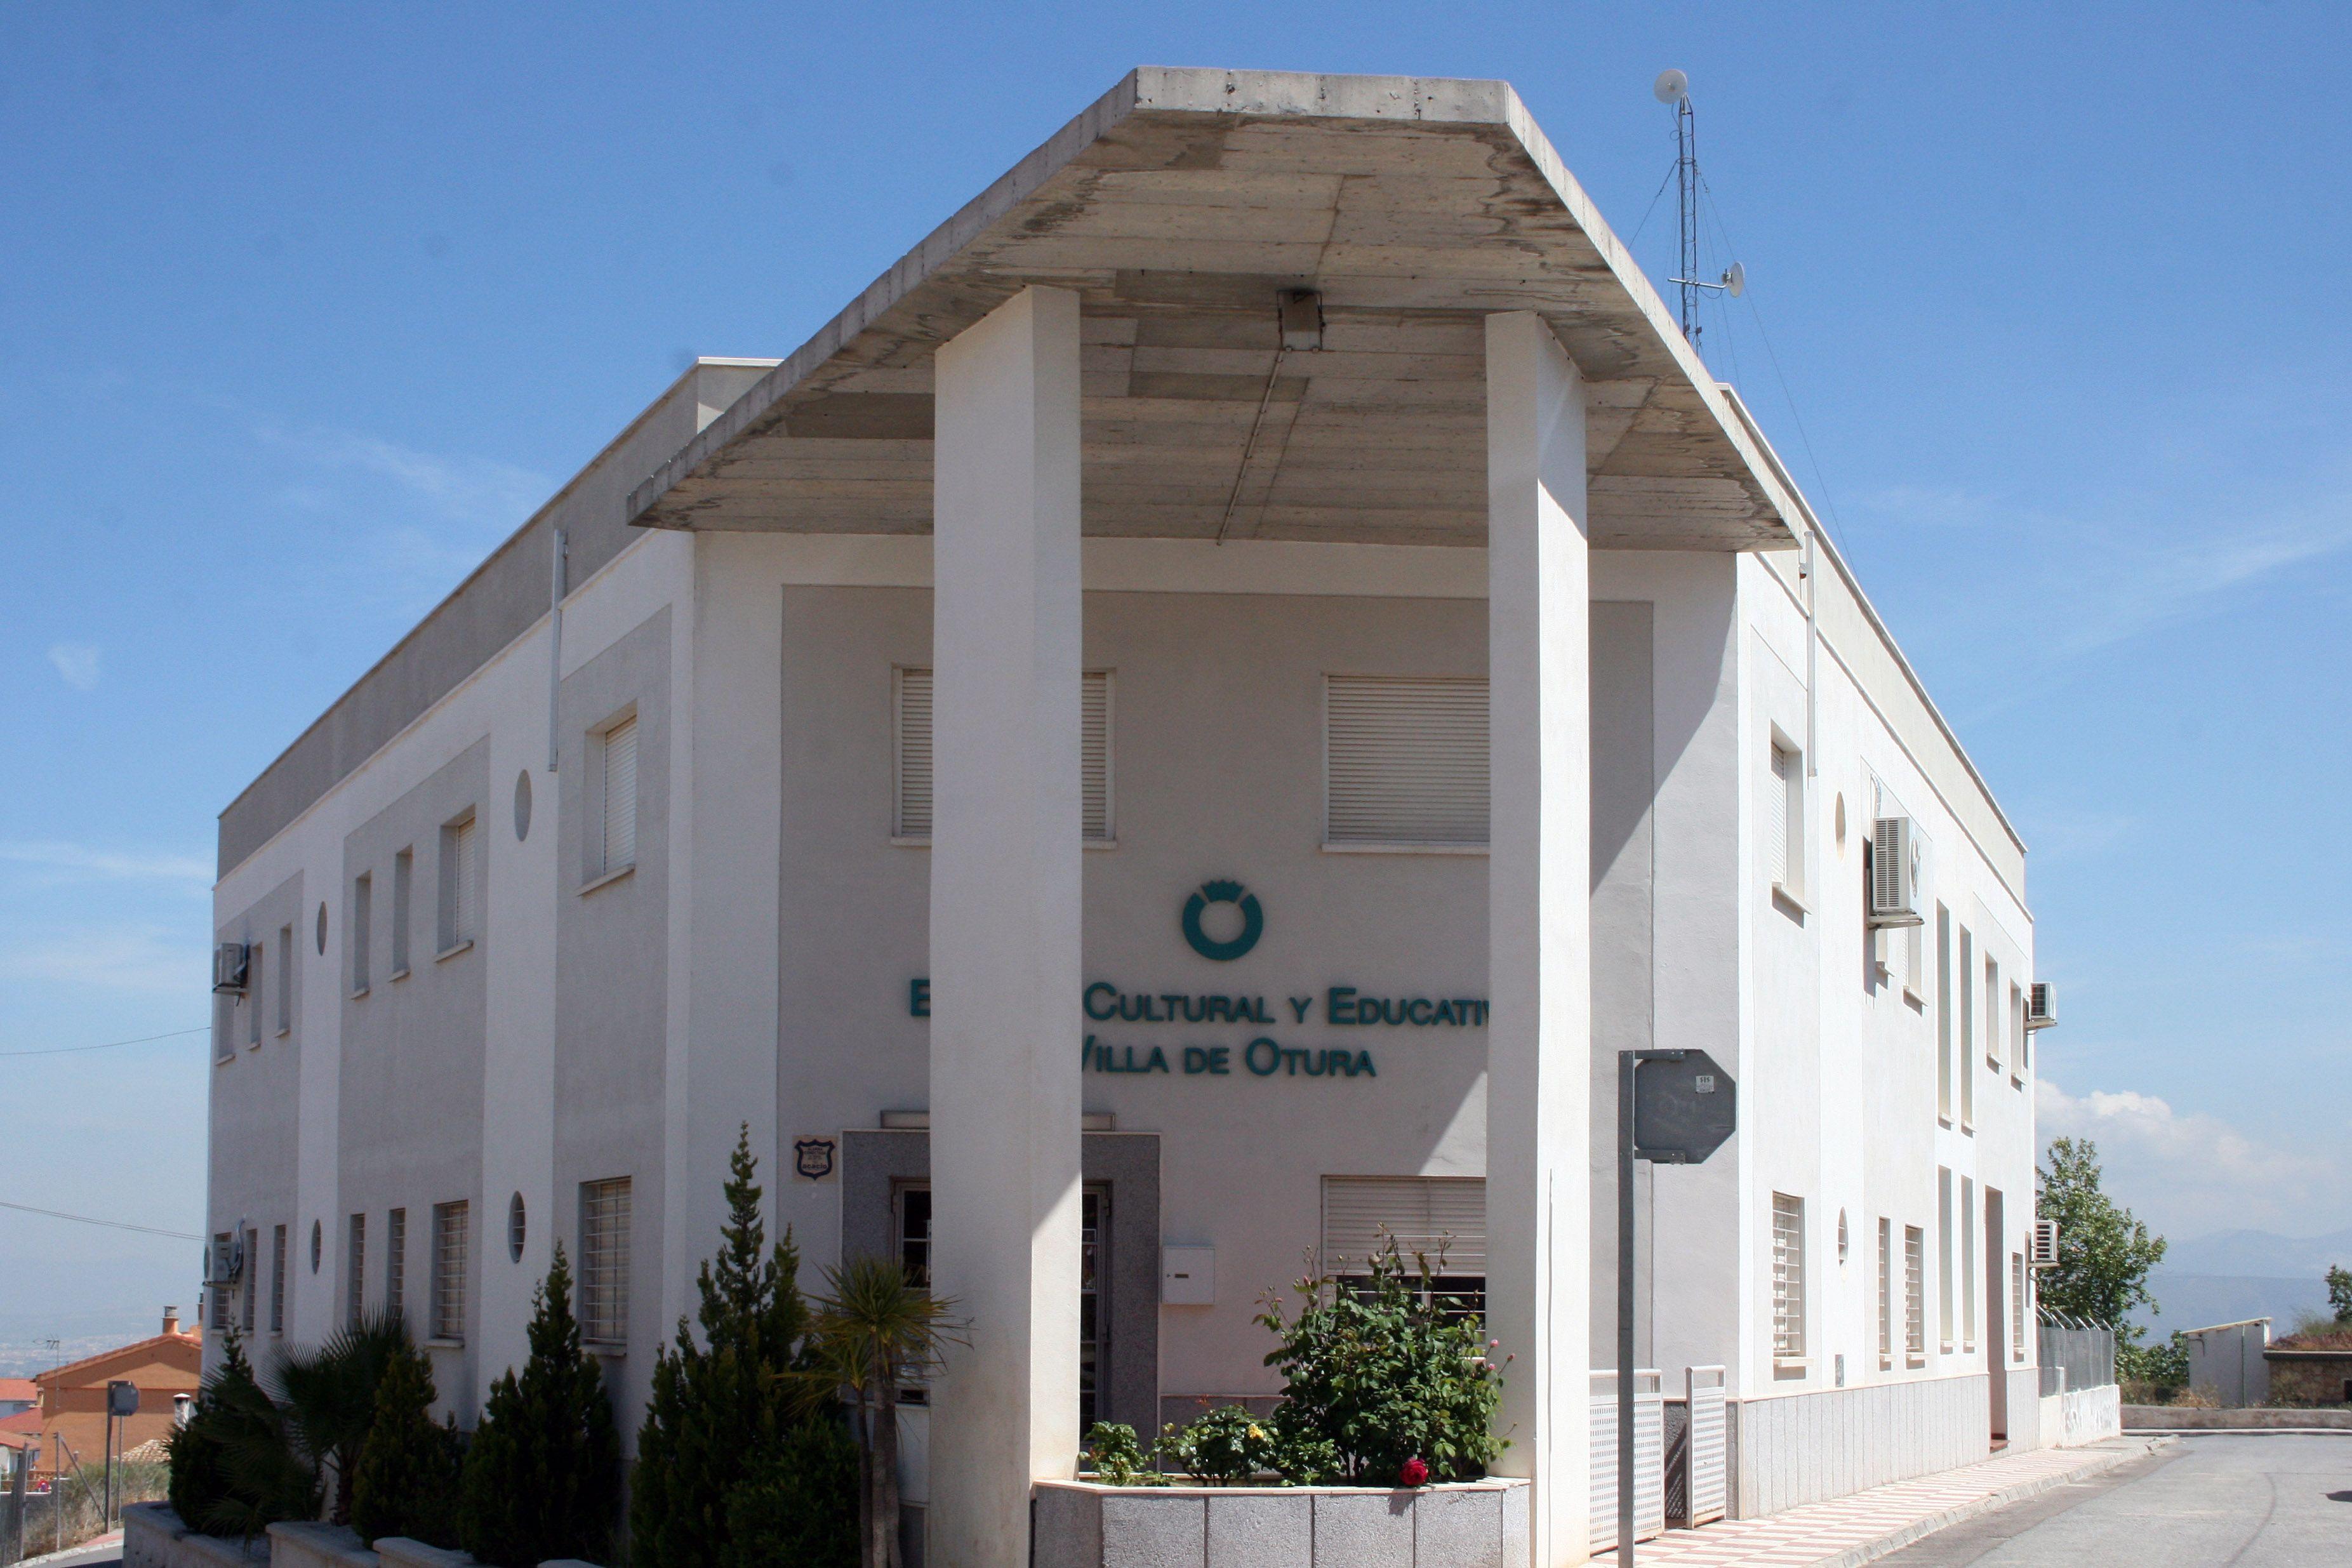 Obras de rehabilitación y urbanismo en Granada